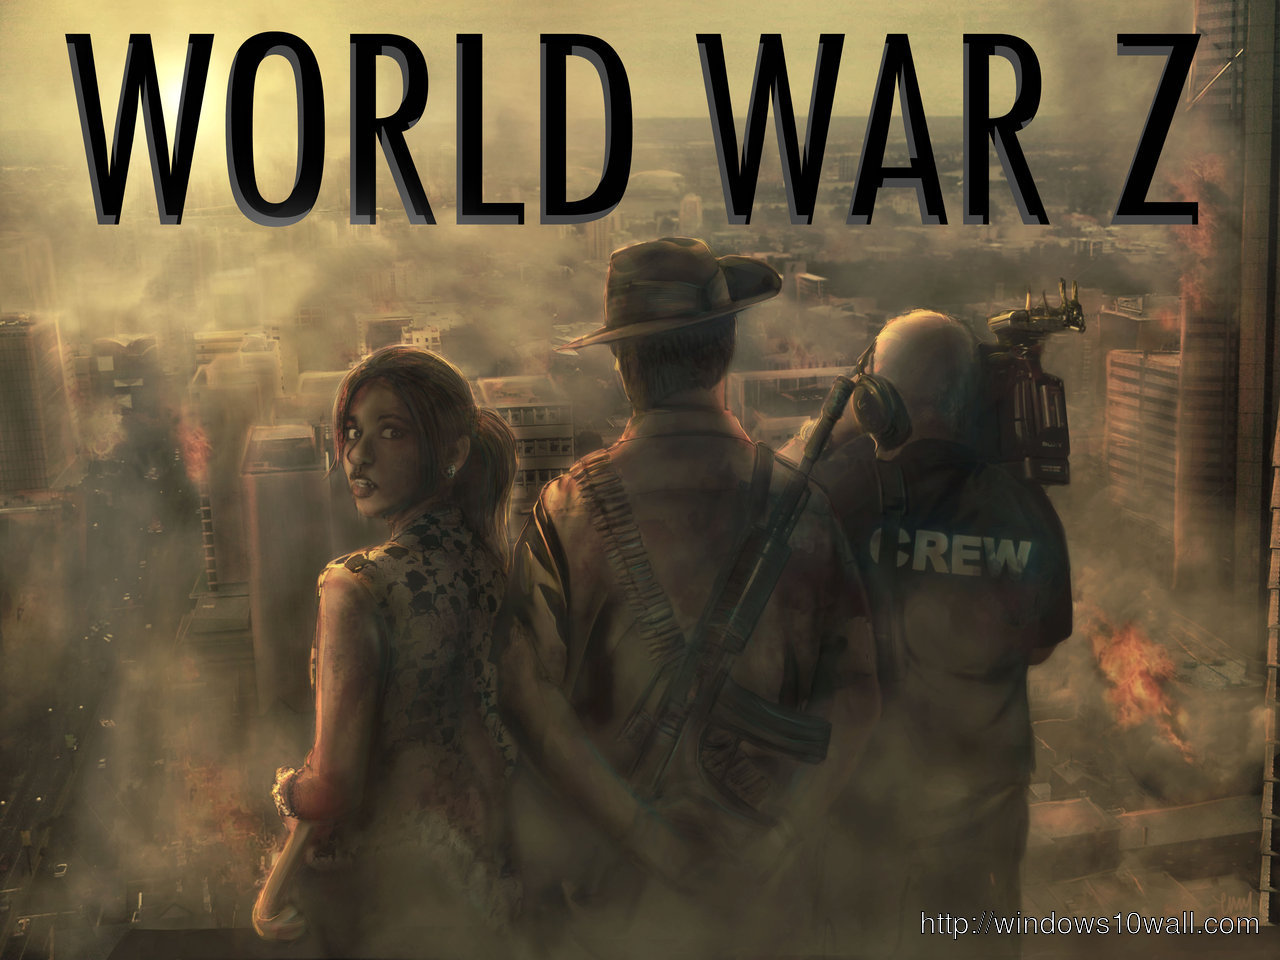 World war z poster hd : Video de one piece pirate warriors 2